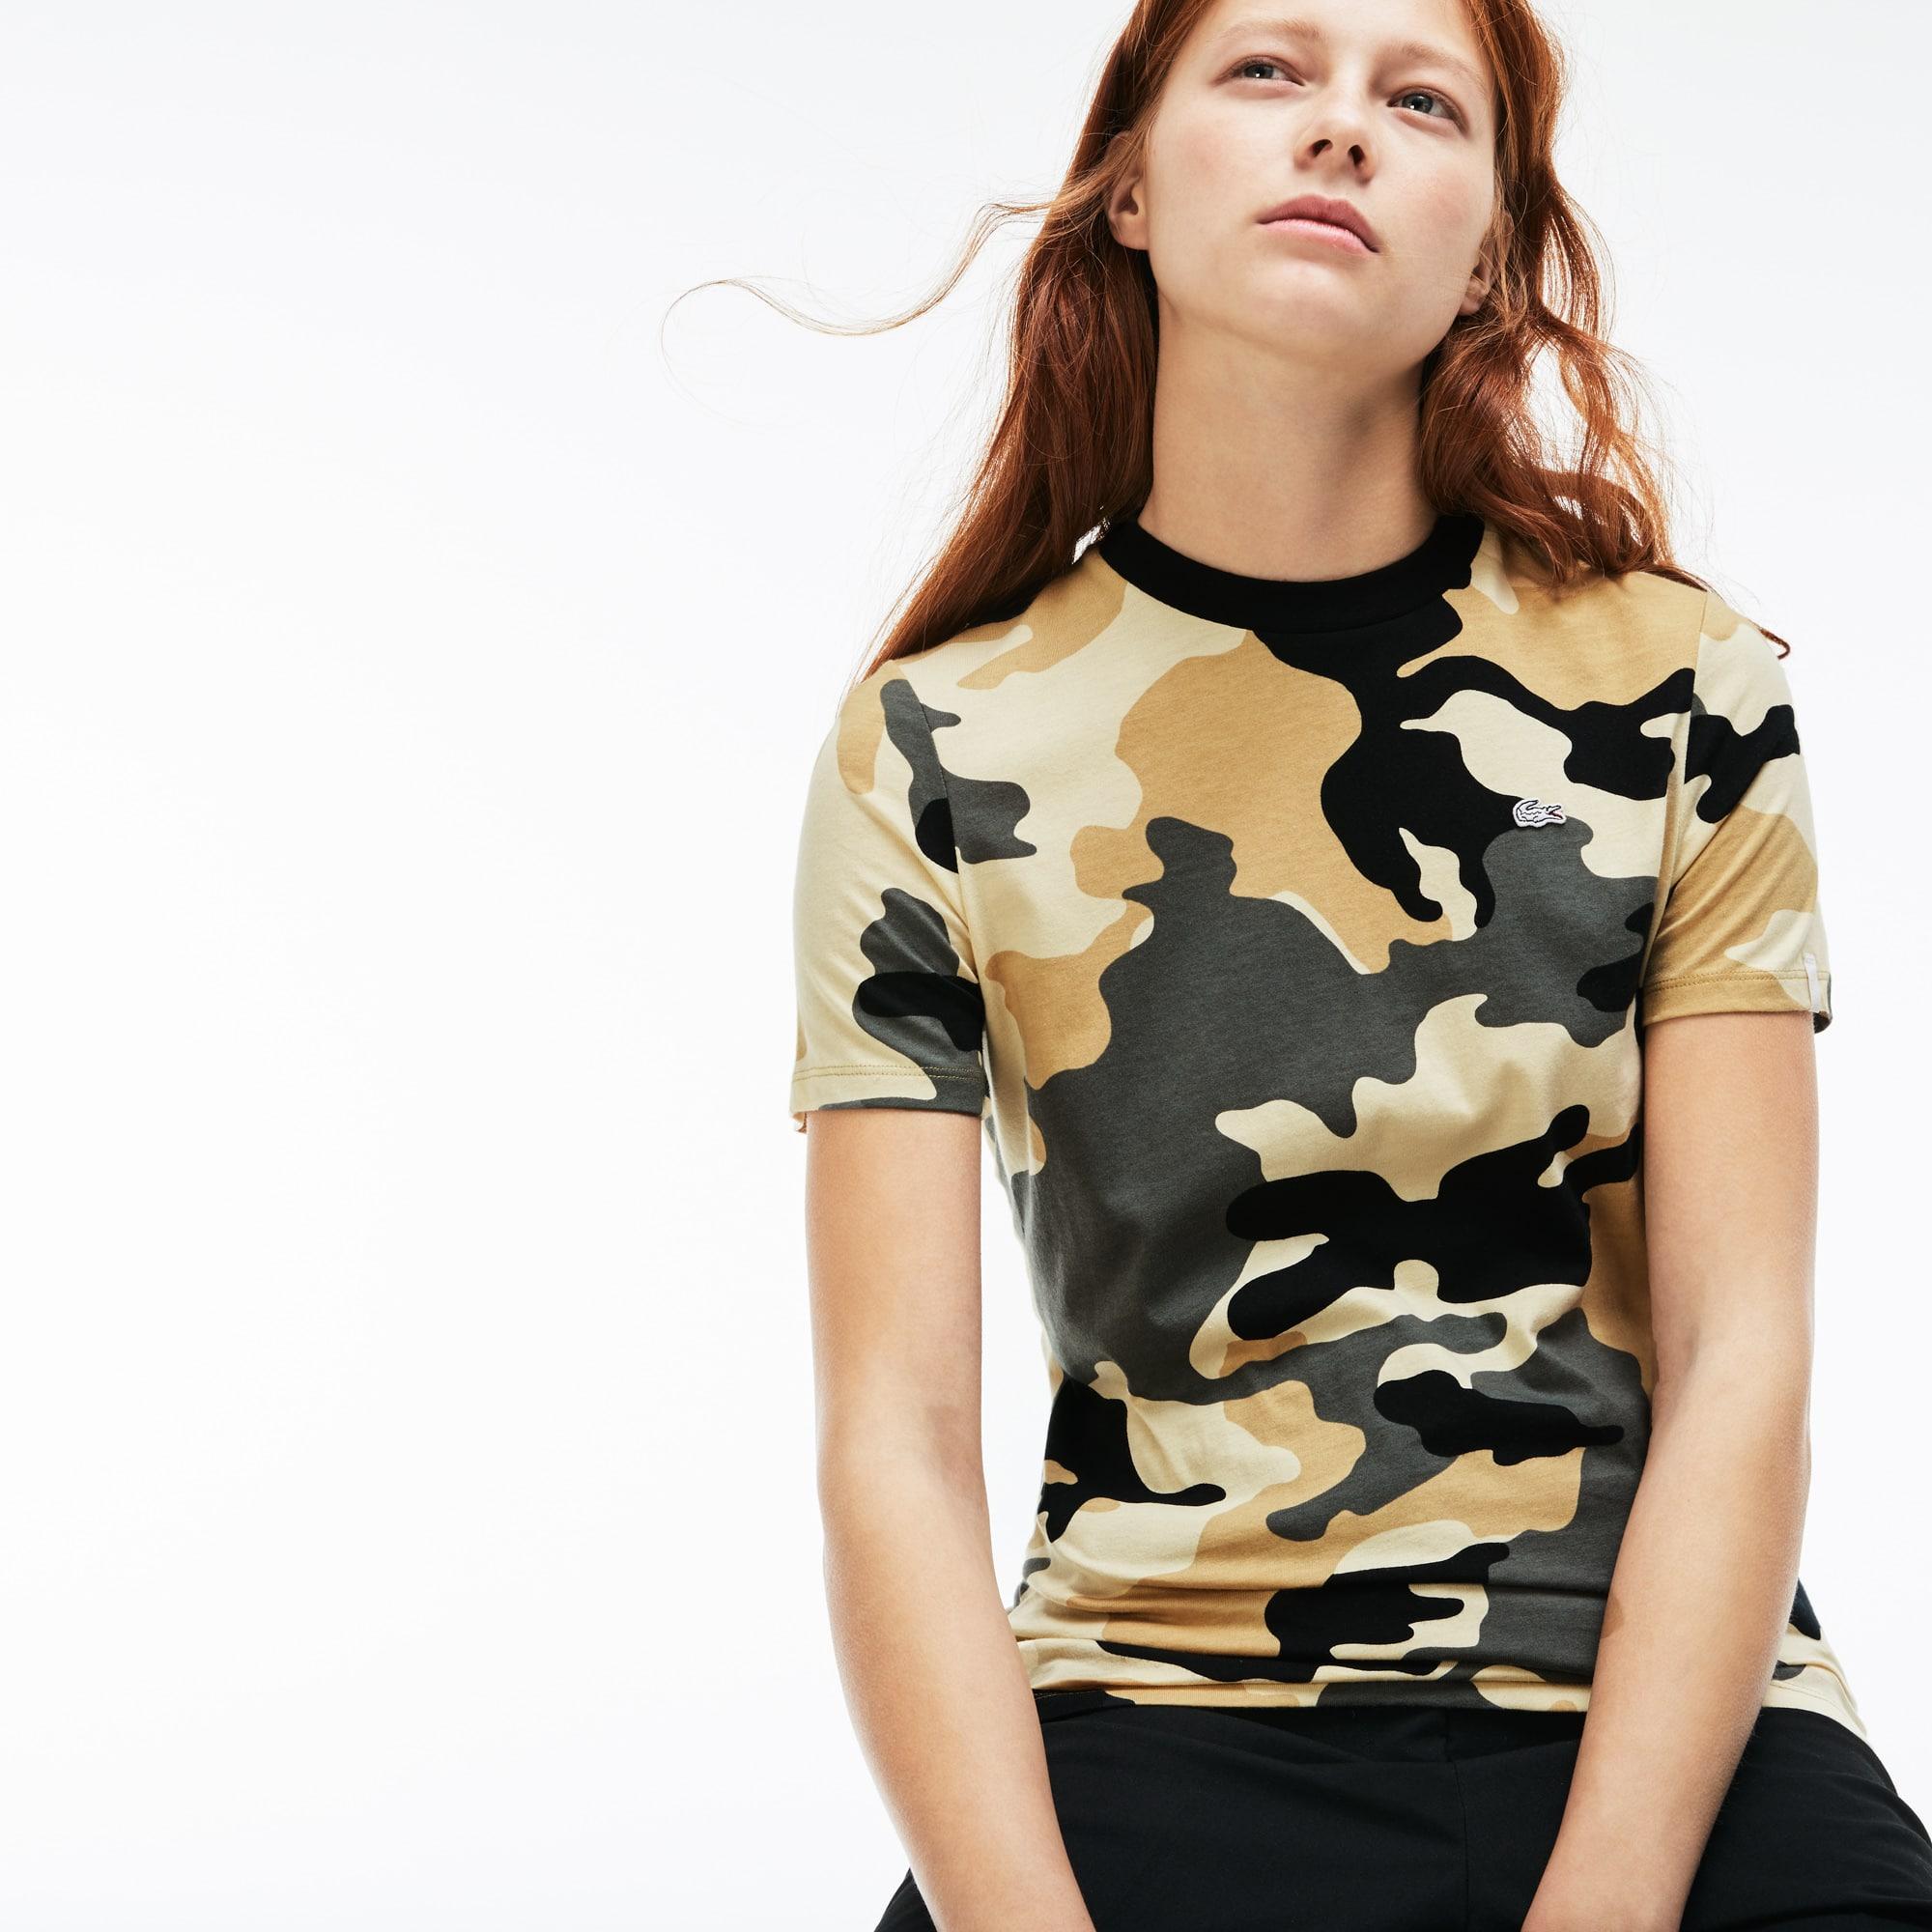 Camiseta Mujer Camuflaje Slim Fit Lacoste Live